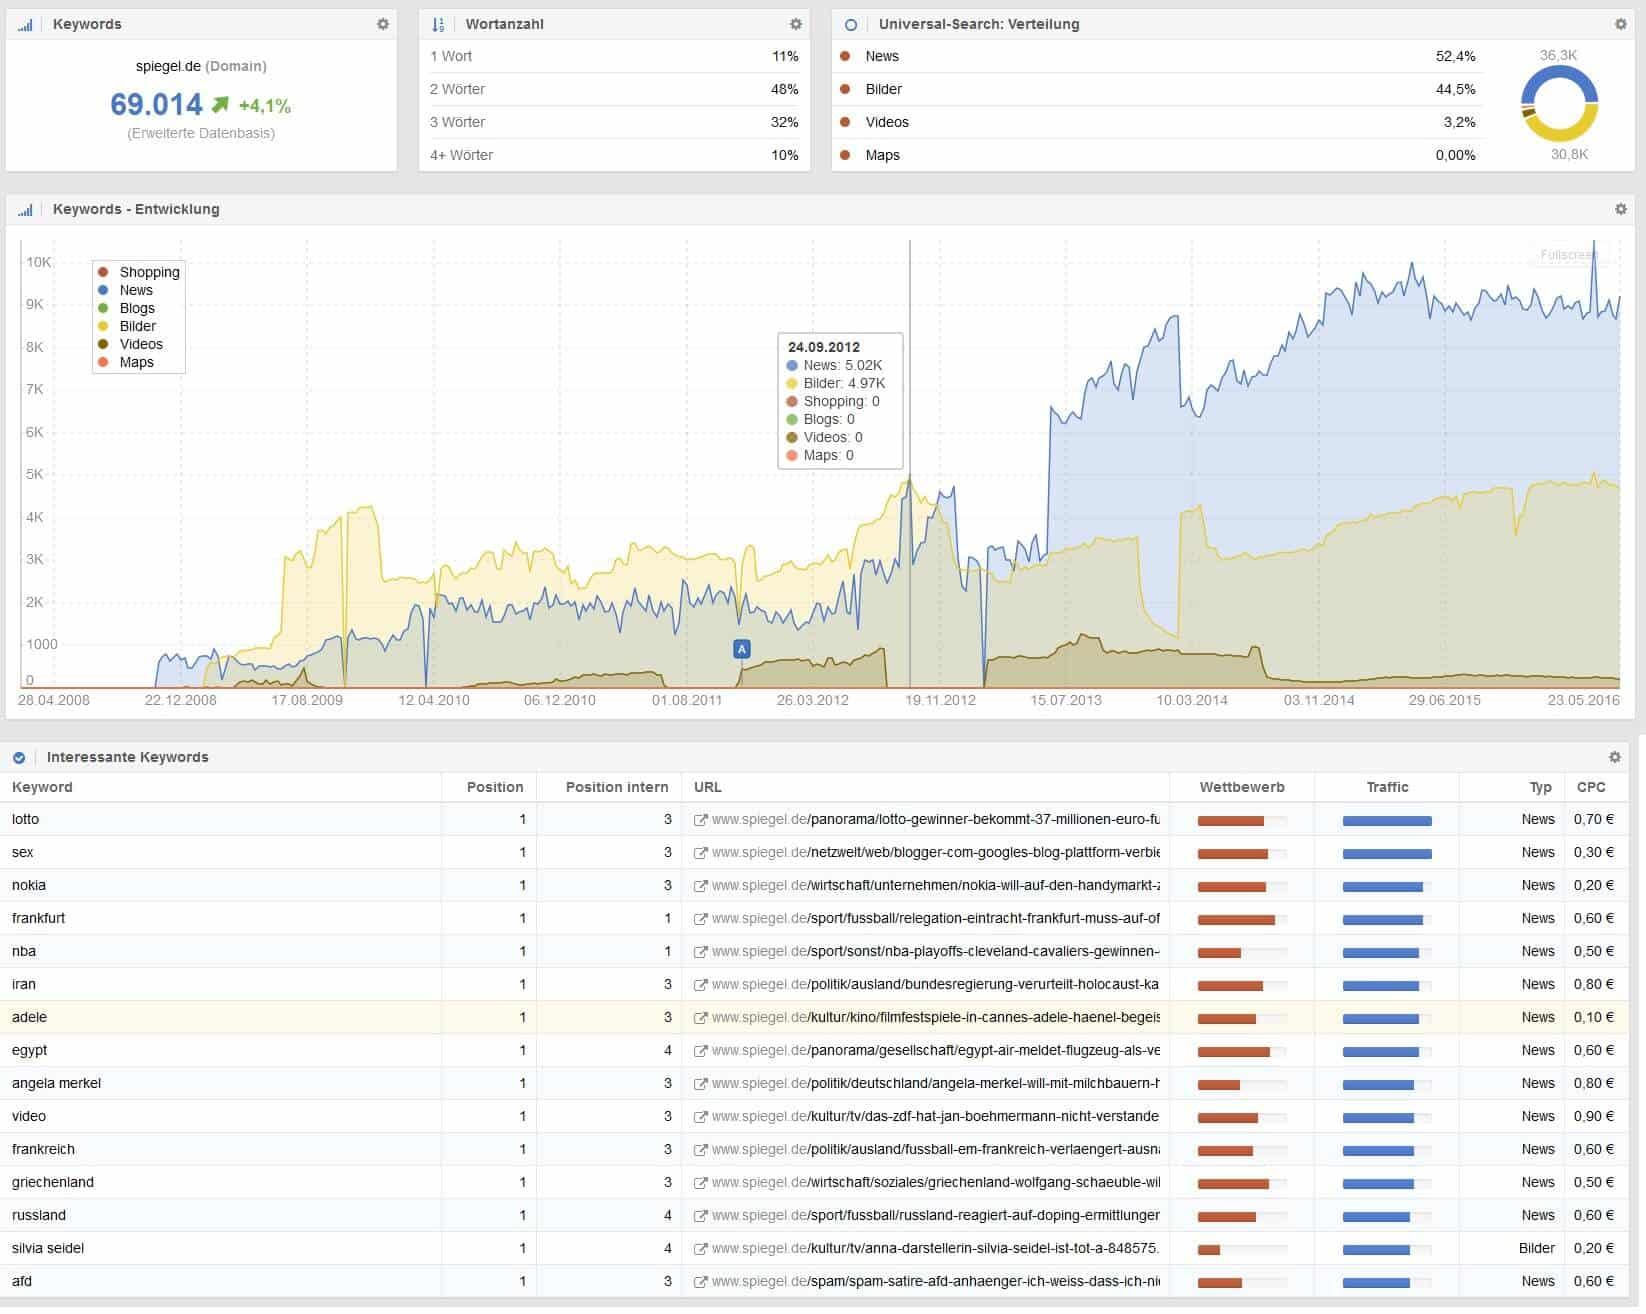 Sistrix Universal Search Dashboard by seo-tech.de